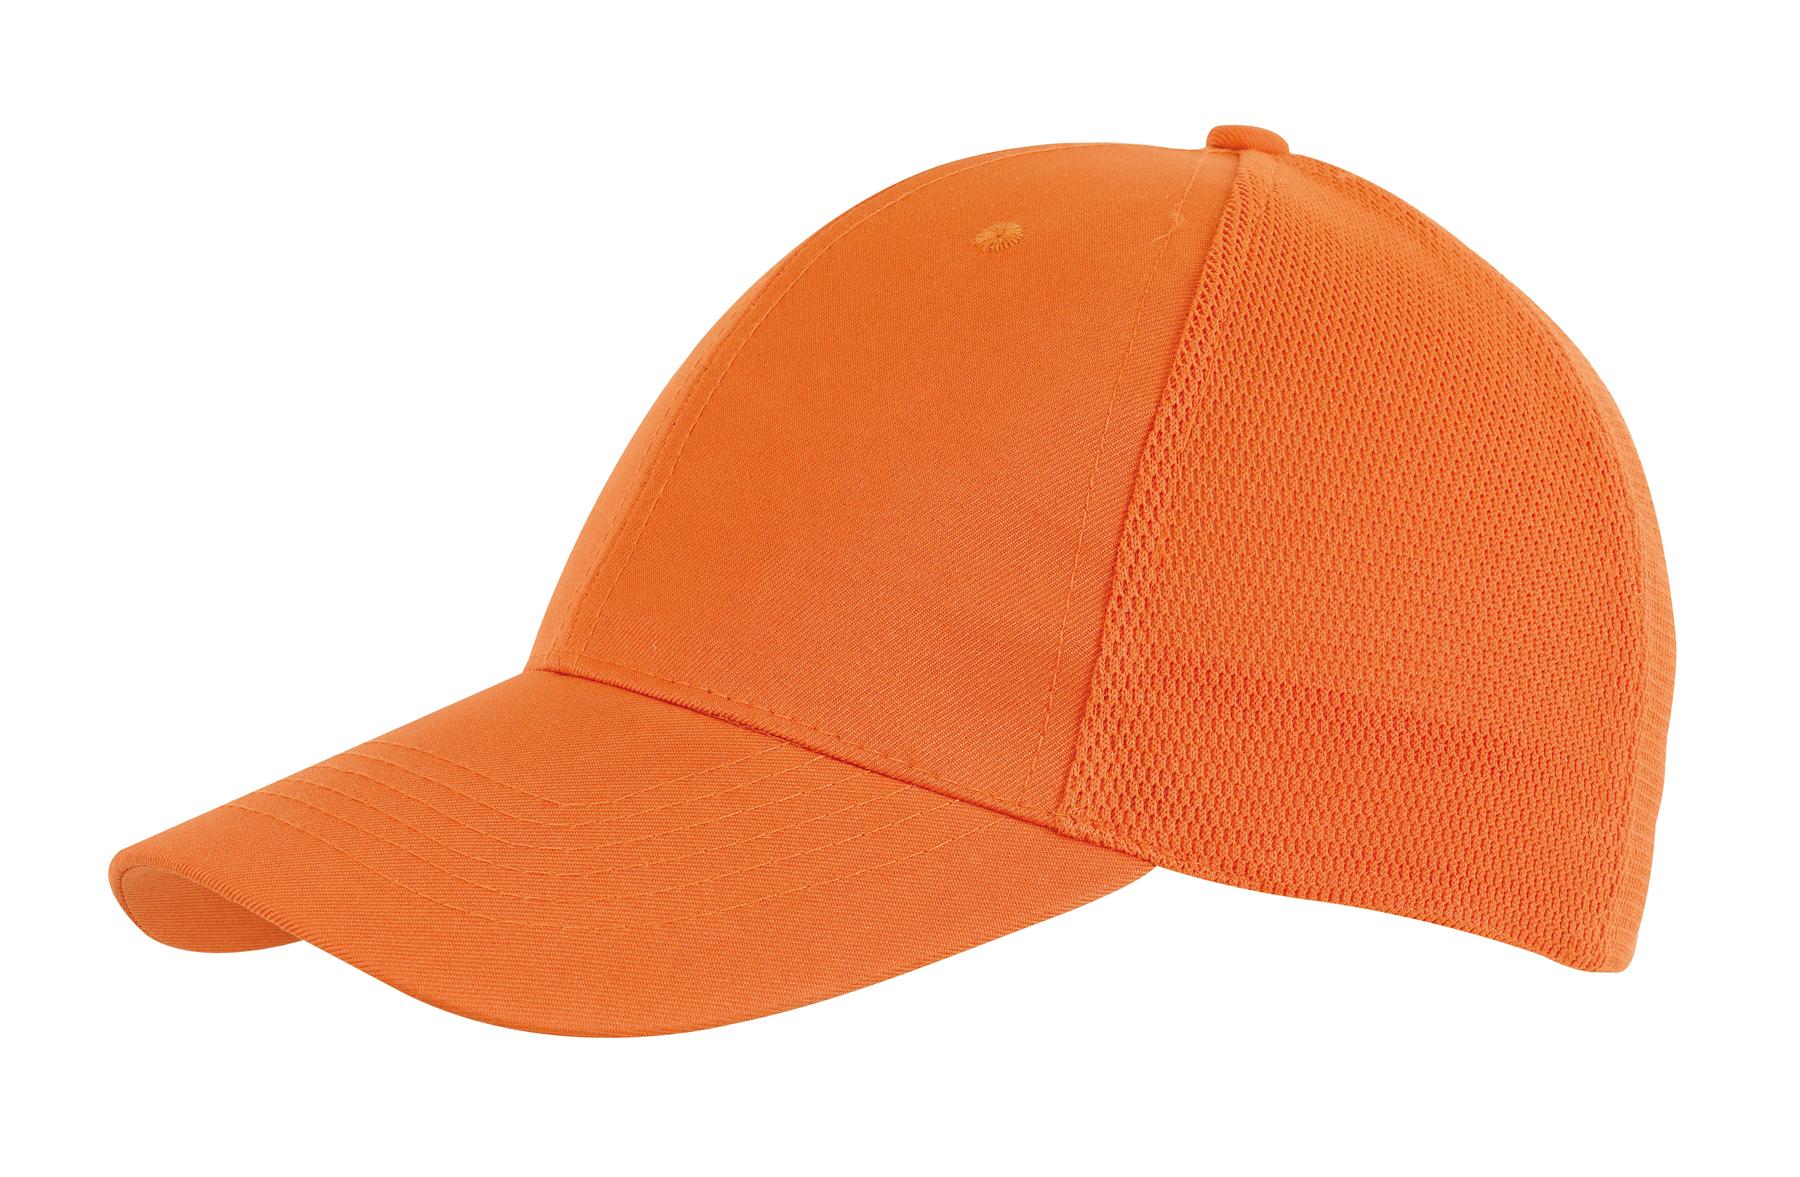 6 segmentowa czapka PITCHER, pomarańczowy